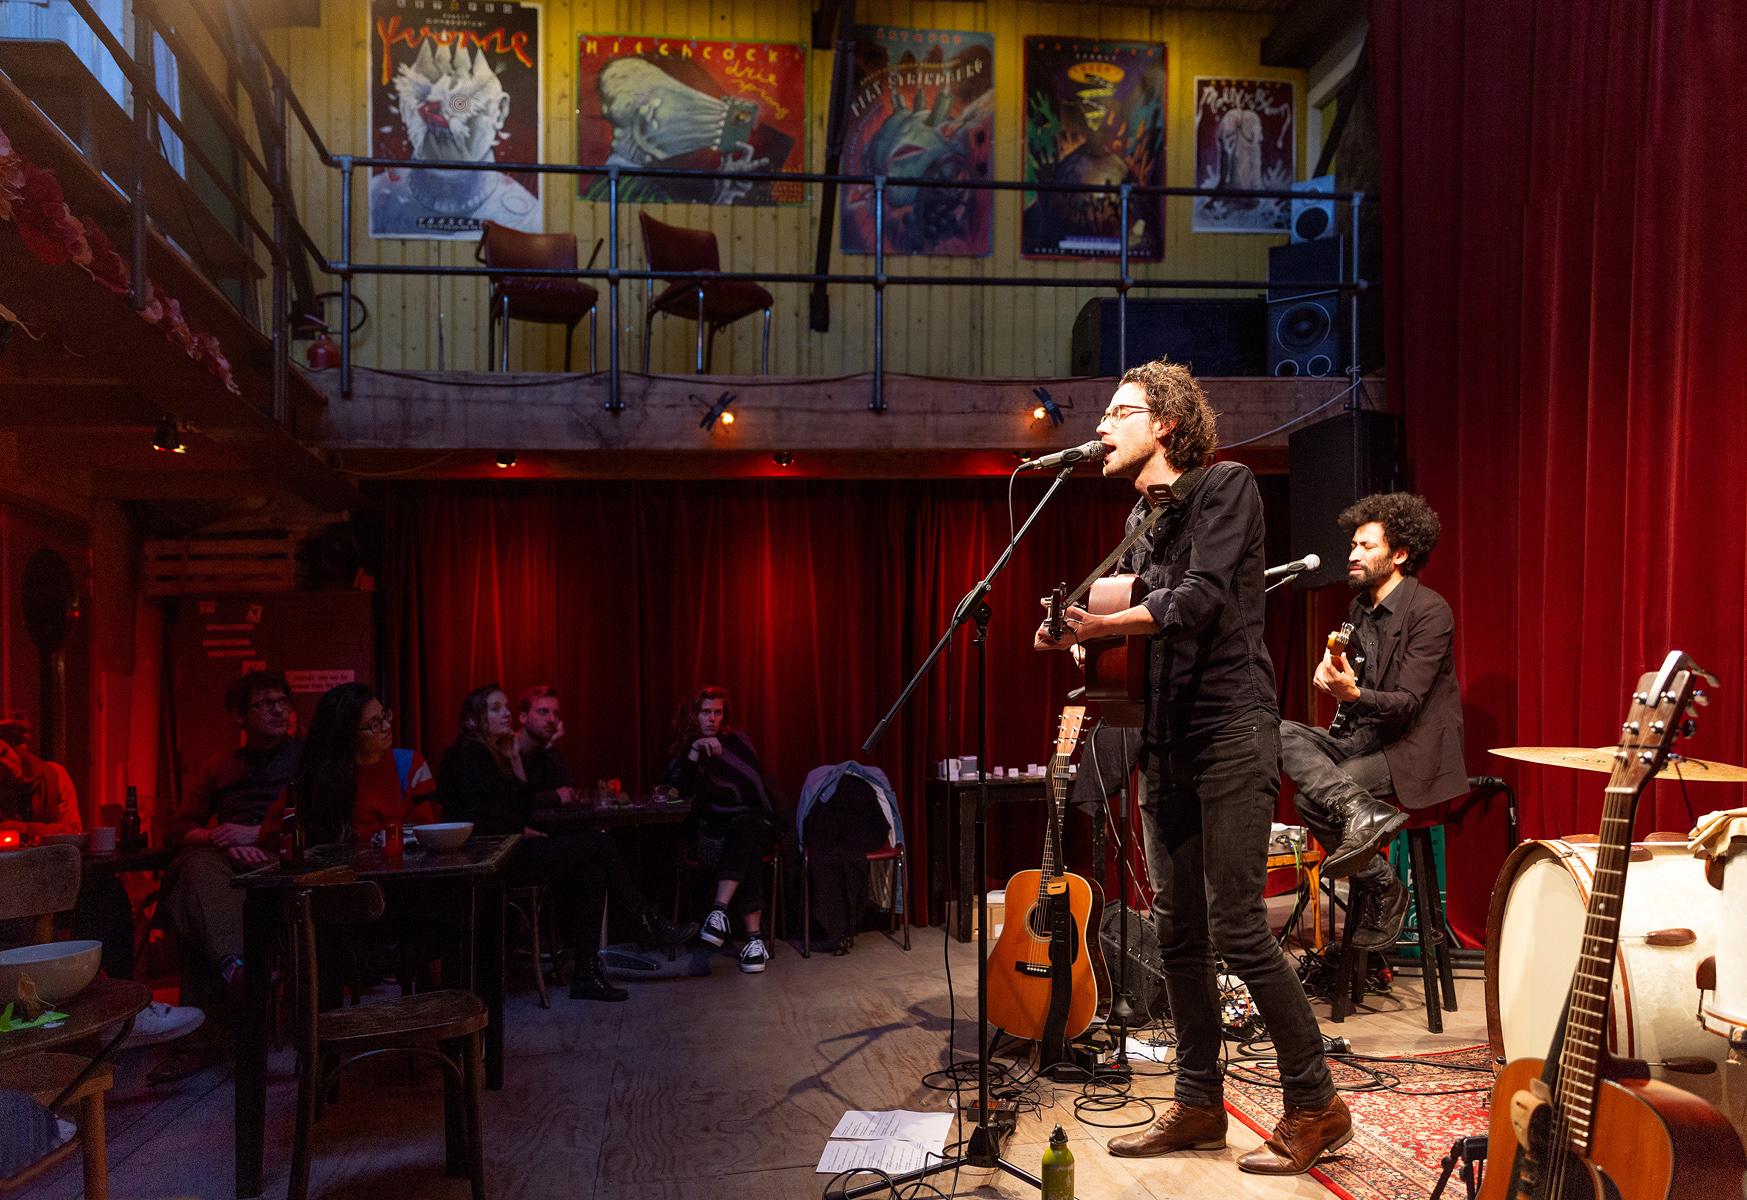 Geannuleerd: vierde en laatste albumpresentatie op 8 november in Studio de Bakkerij, Rotterdam